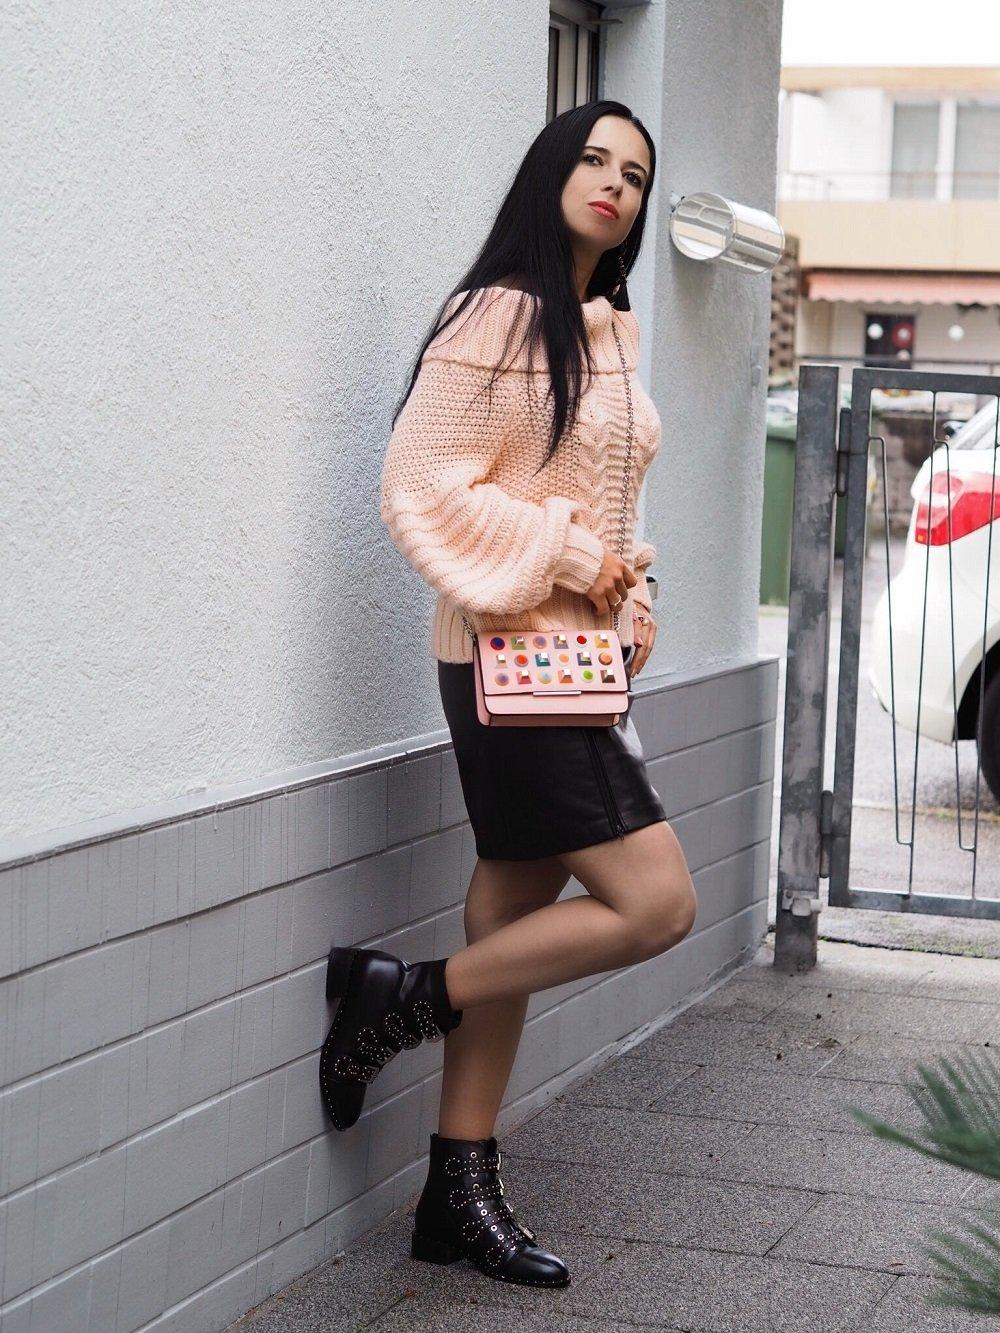 Heute zeige ich euch einen Herbstlook mit Lederleggings oder Lederrock, XXL Grobstrick Pullover, Fendi Rainbow Stud Clutch und Givenchy Boots